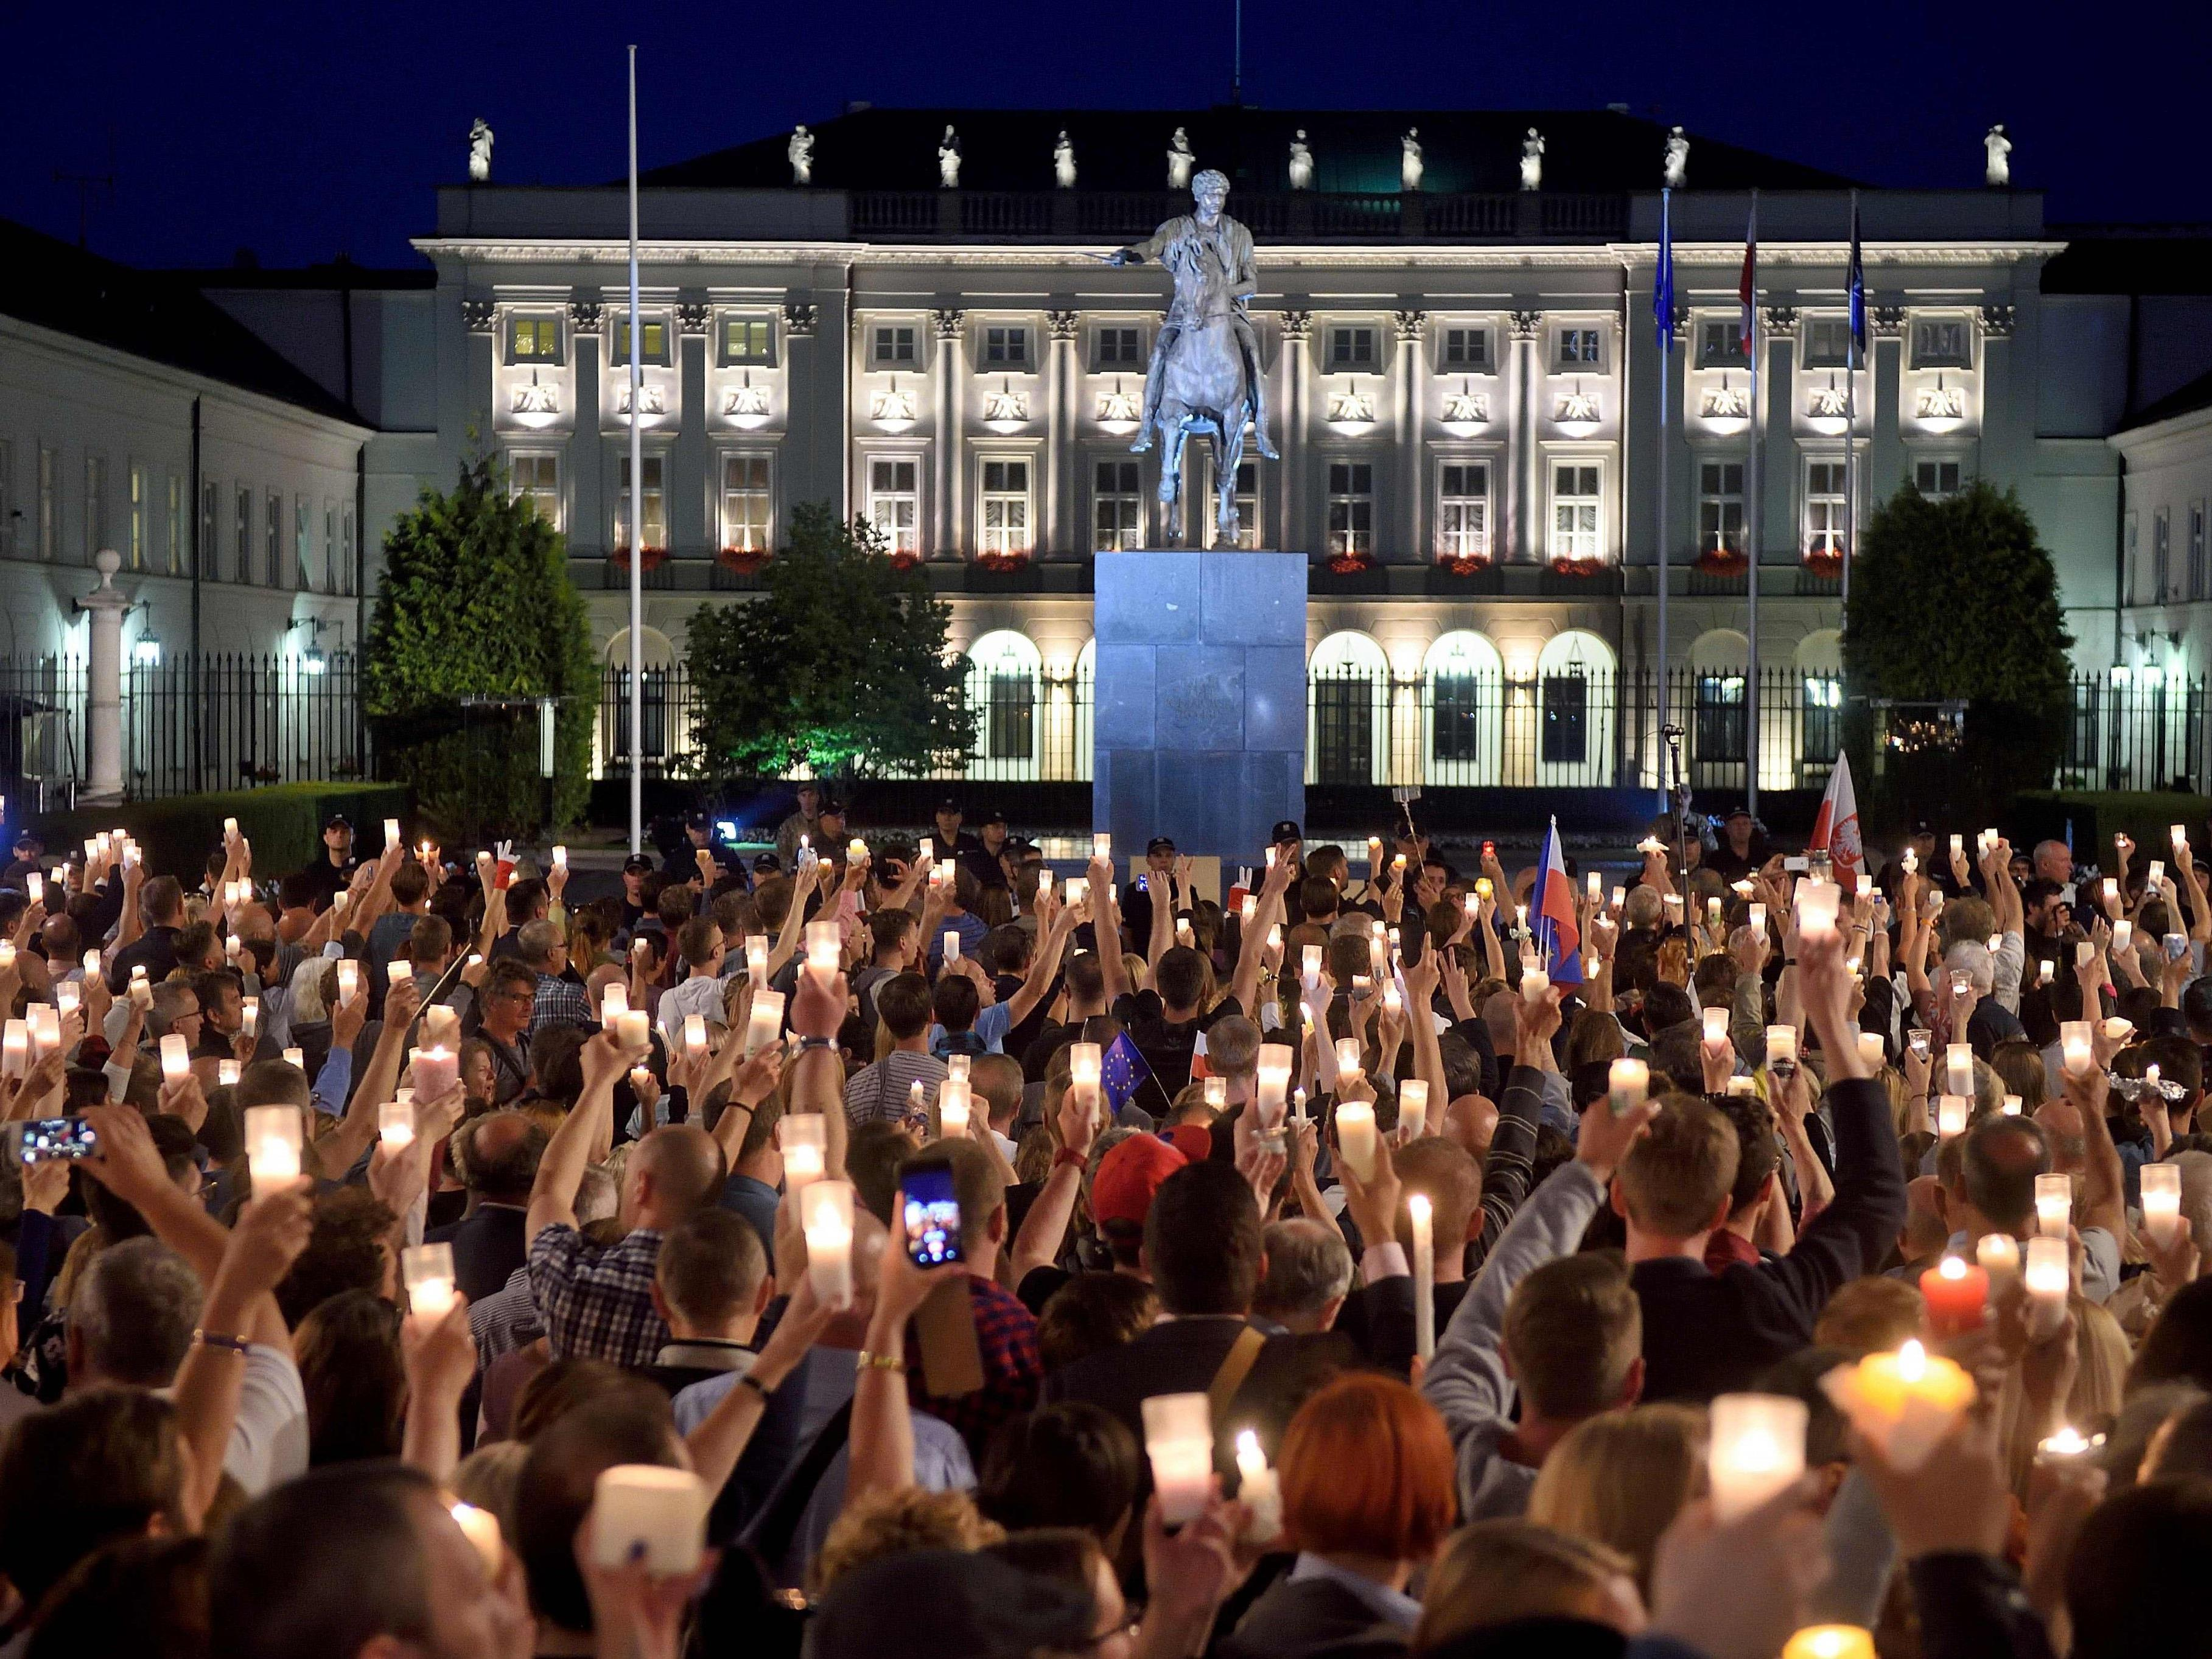 Soll die EU wegen der umstrittenen Justizreform weitere Maßnahmen gegen Polen einleiten?